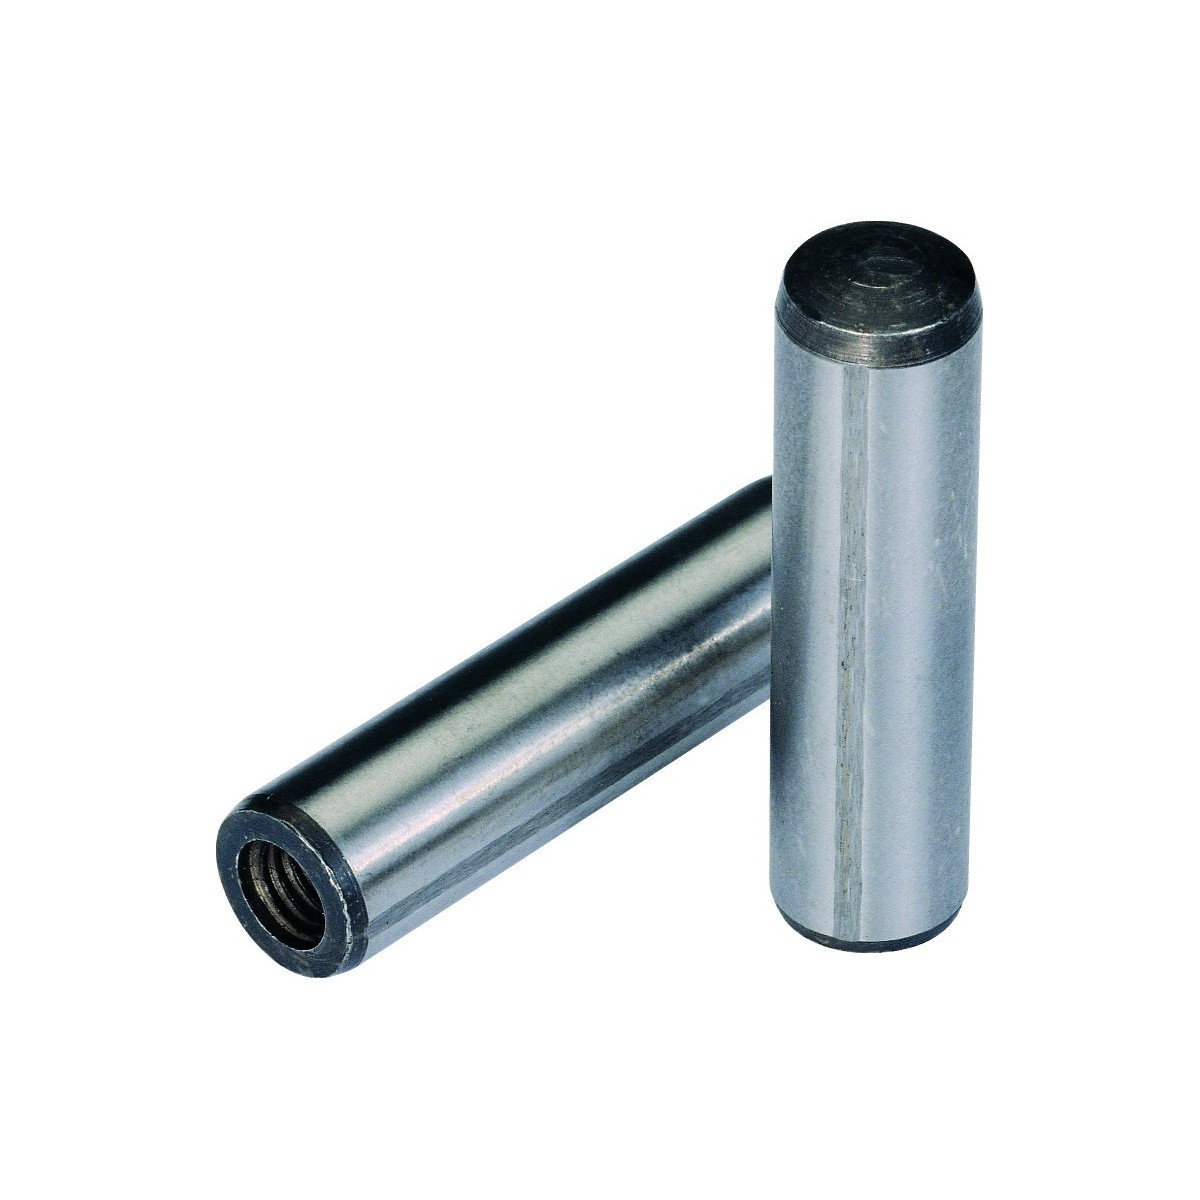 Штифт циліндричний MMG DIN 7979D M20 х 60 Клас 10.9 (Фосфат) 1 шт